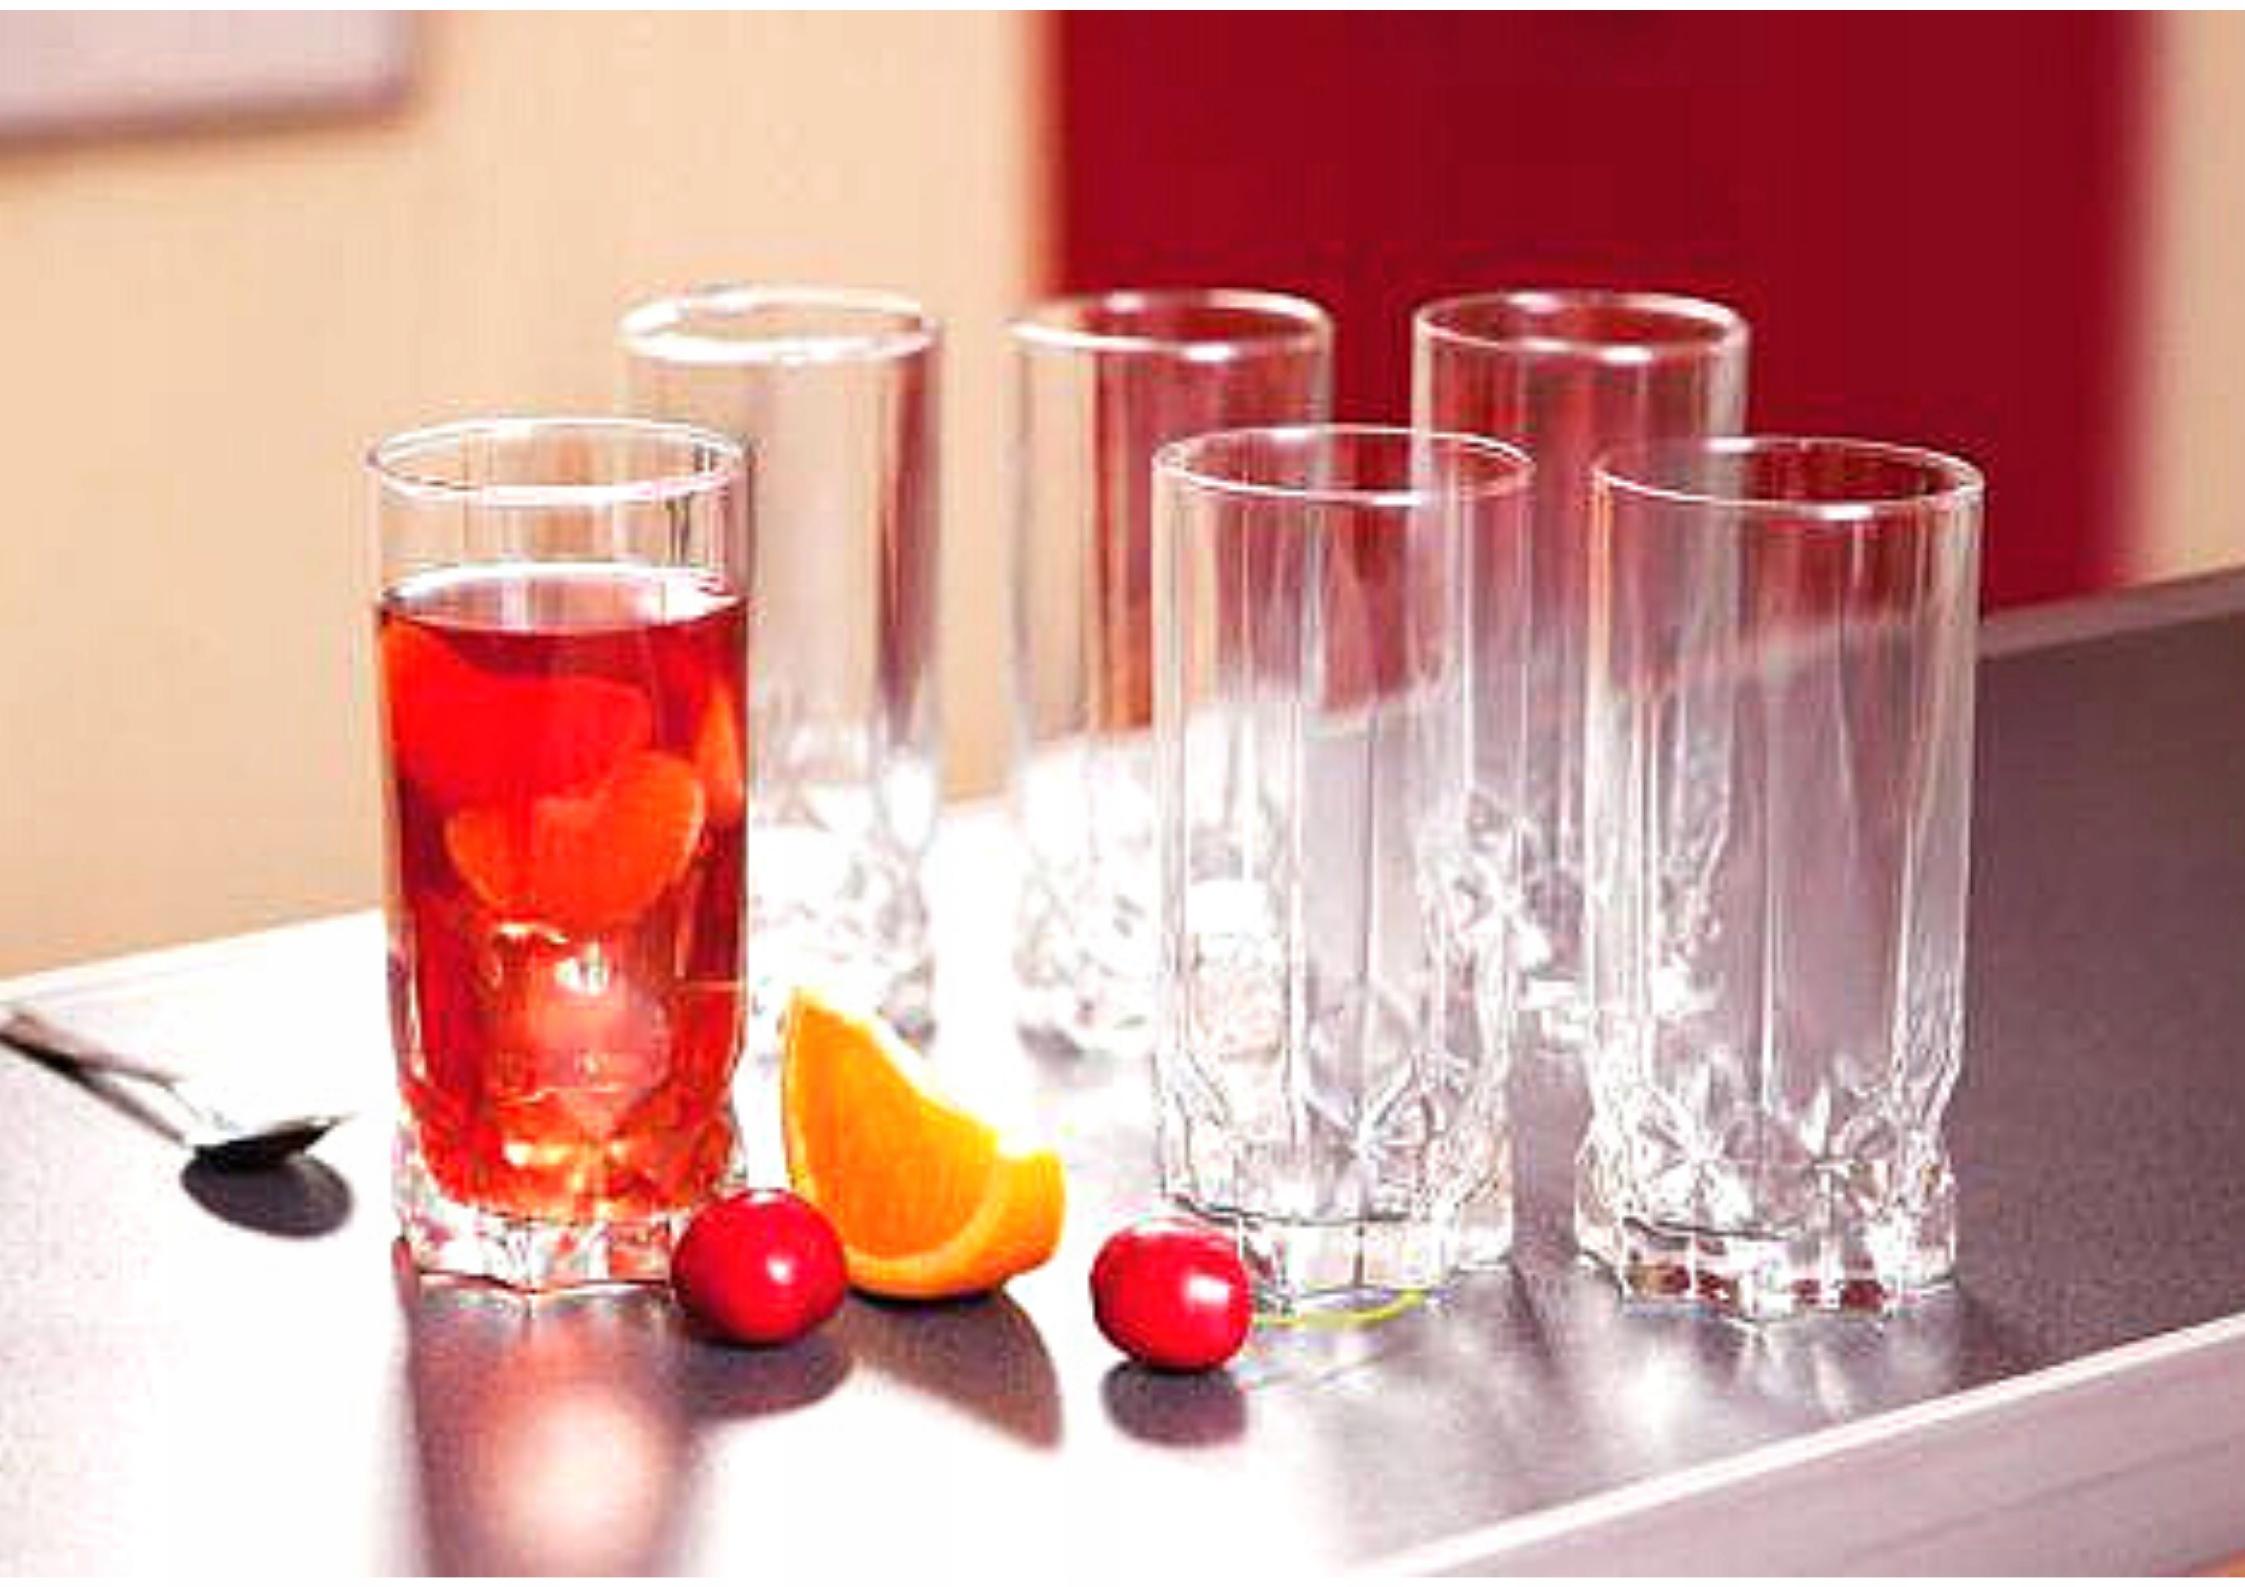 ZESTAW SZKLANEK DO DRINKÓW NAPOJÓW 6 SZT AMBITION EAN 5904134646835